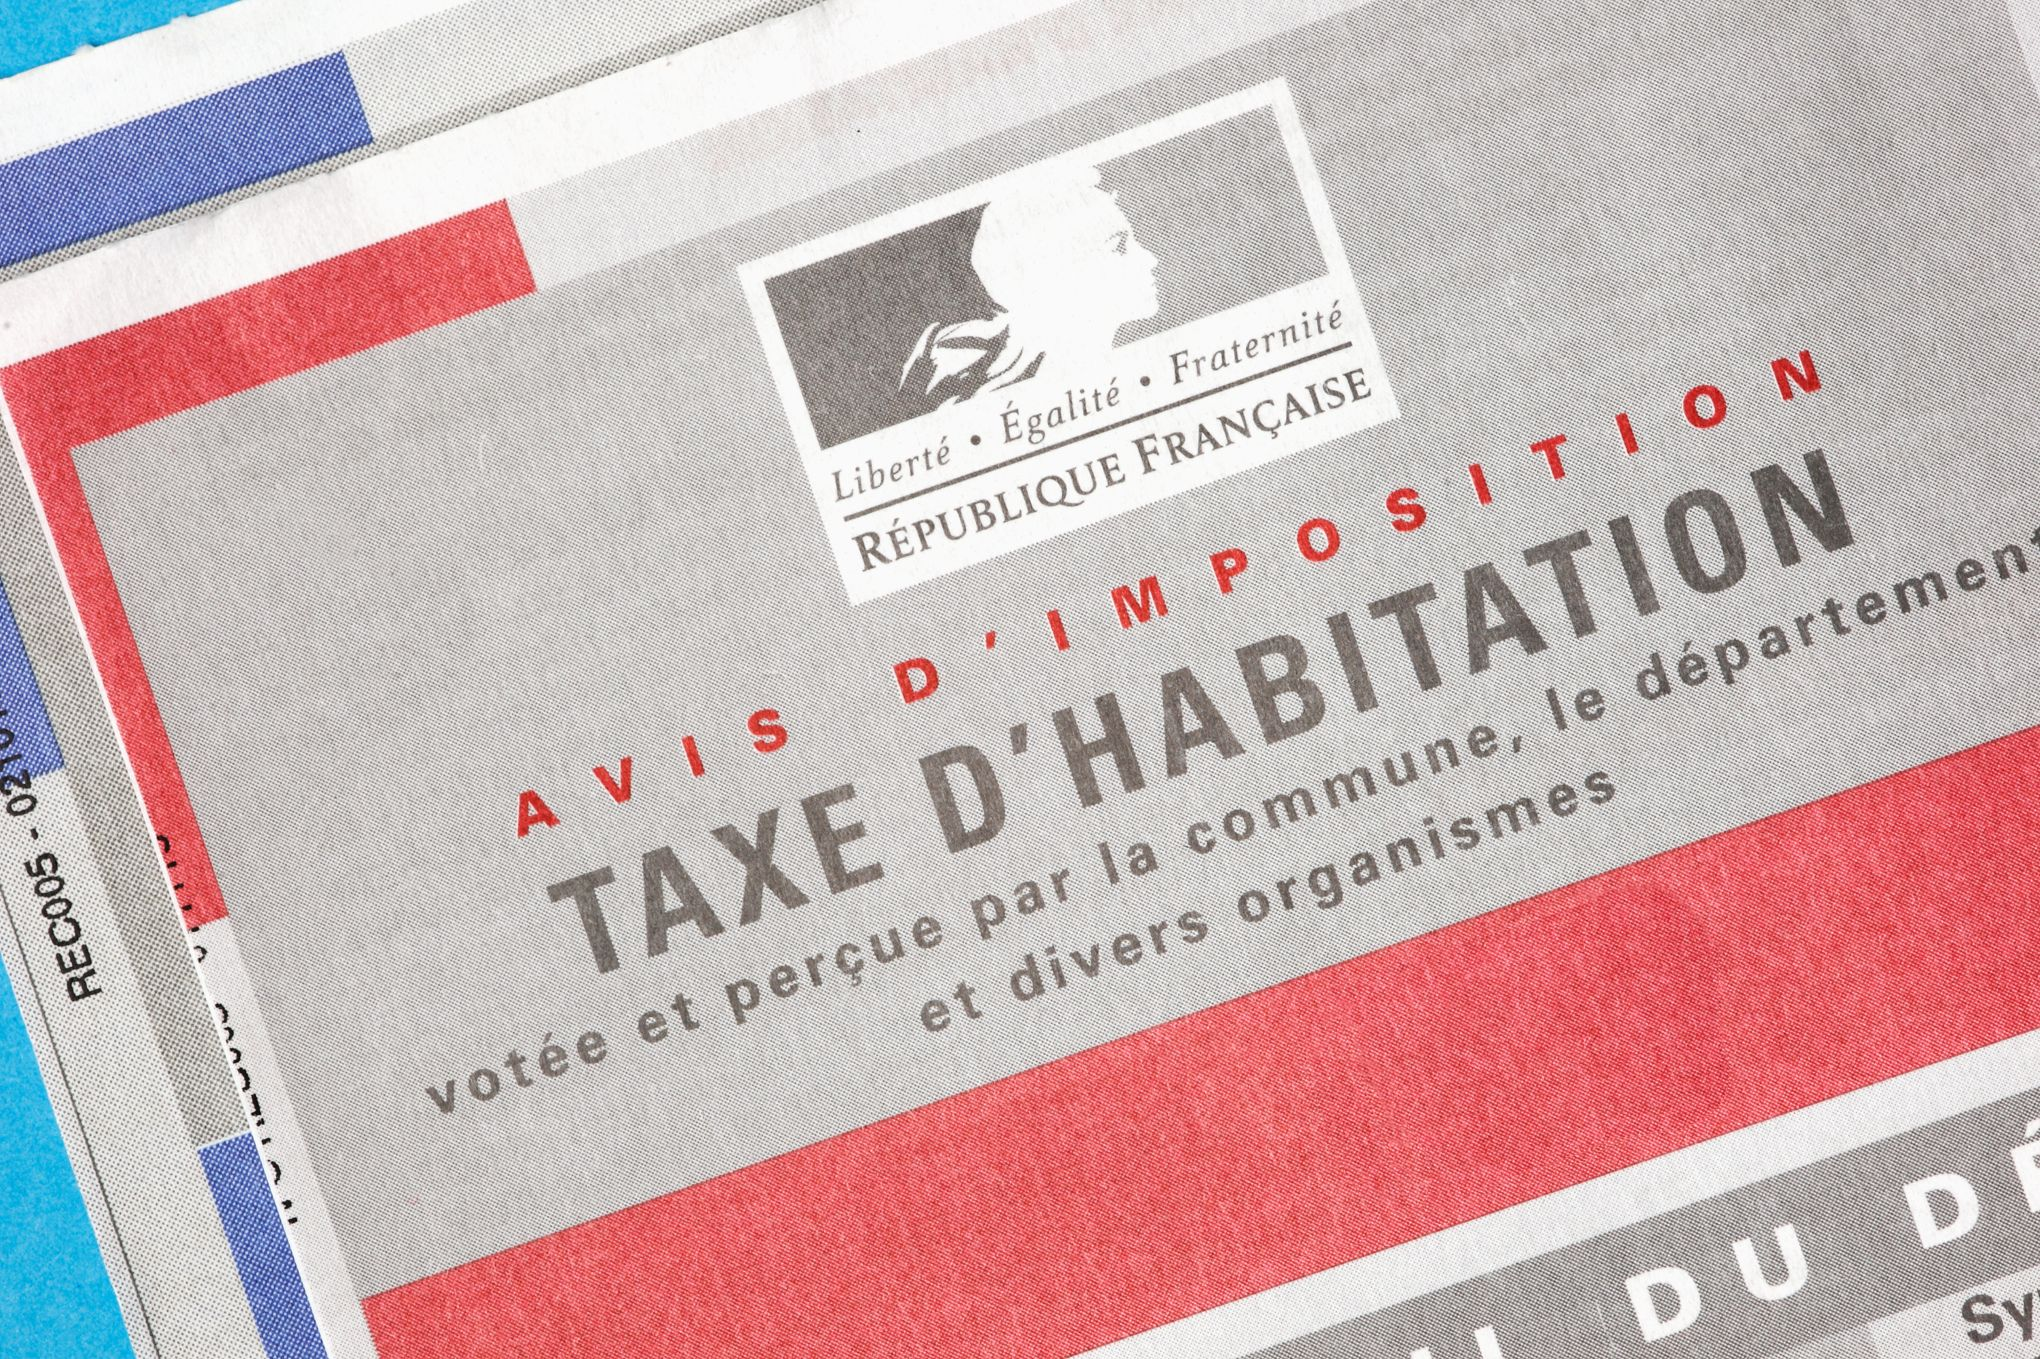 Taxe D Habitation Paiement En Ligne Obligatoire Des 1 000